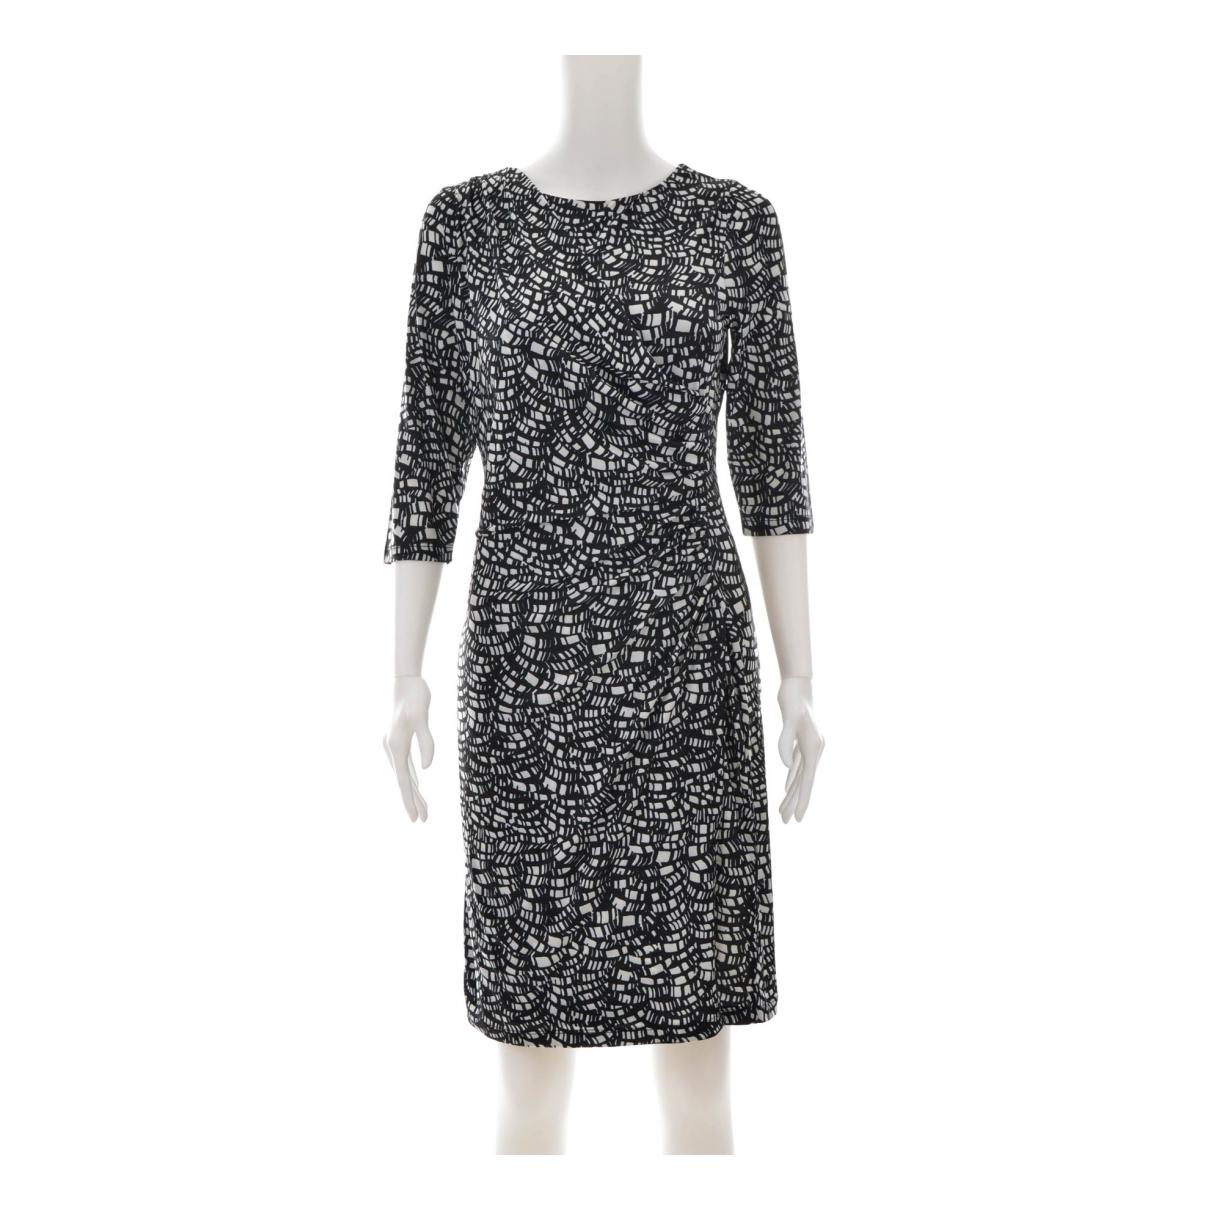 Thomas Rath \N Kleid in  Bunt Polyester